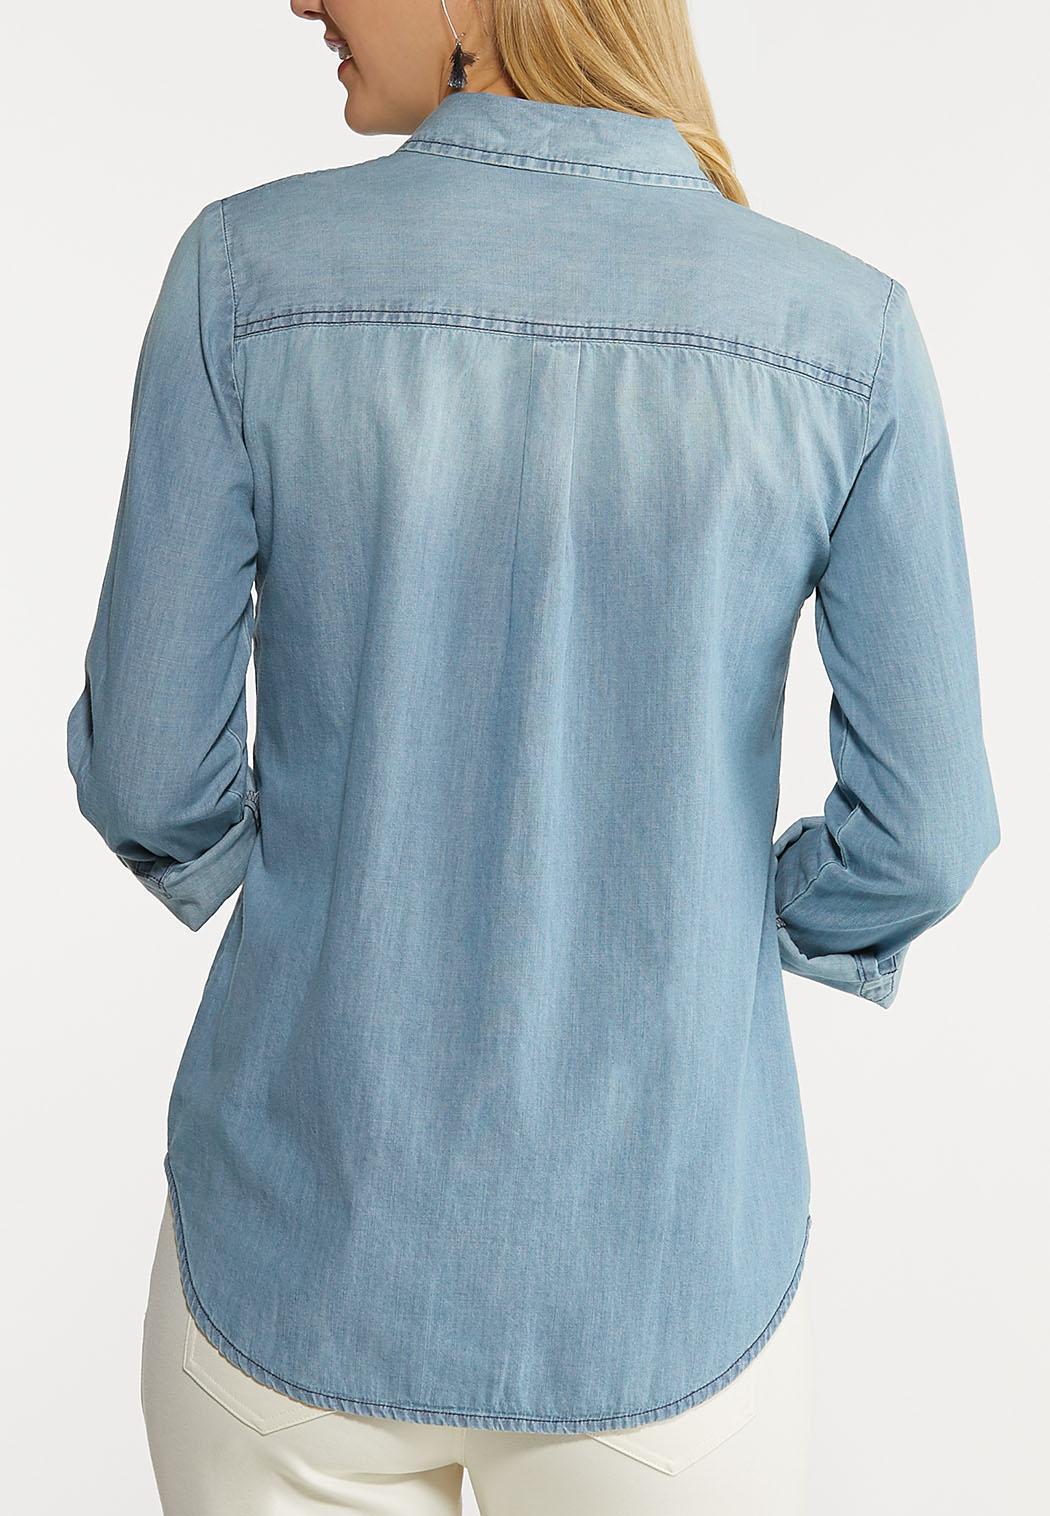 Plus Size Snap Front Denim Top (Item #44093811)